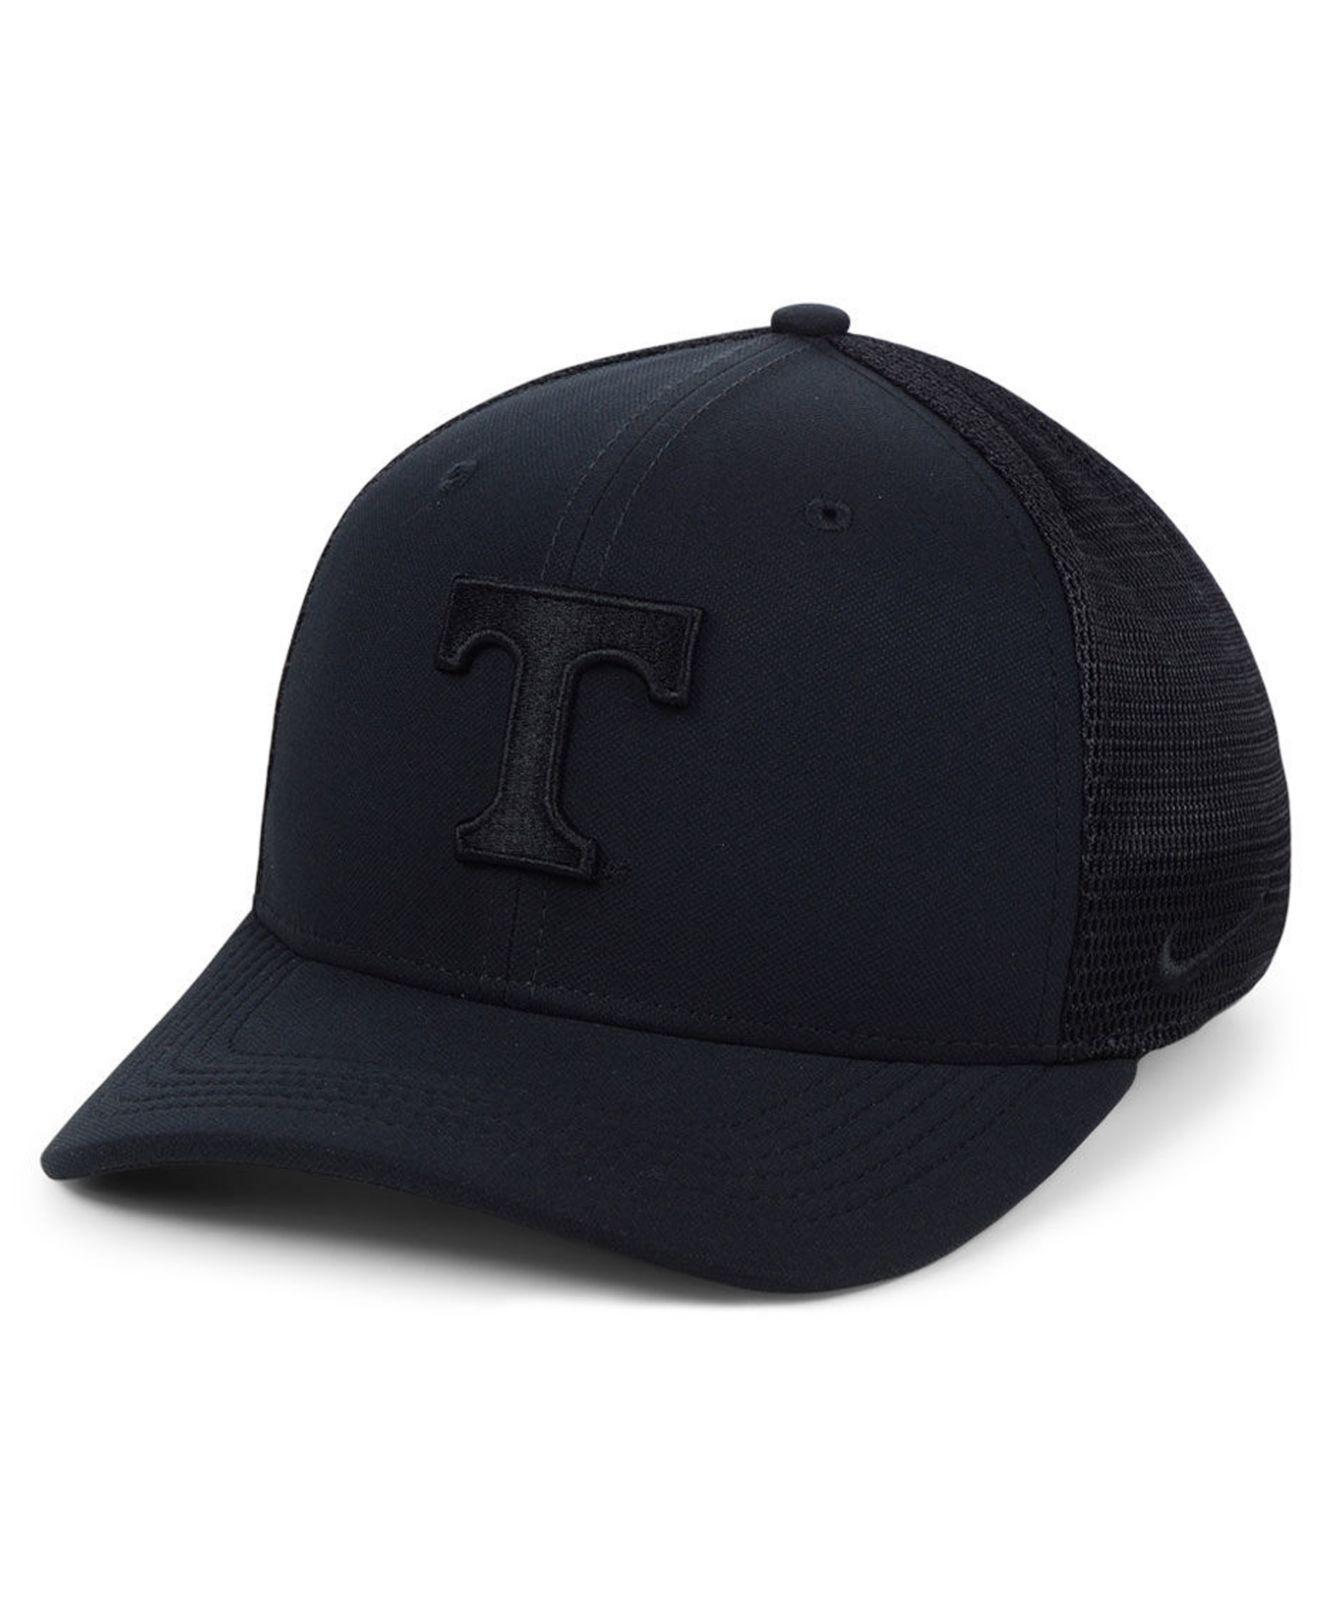 3beb751376af4 Lyst - Nike Tennessee Volunteers Aerobill Black Swoosh Cap in Black ...